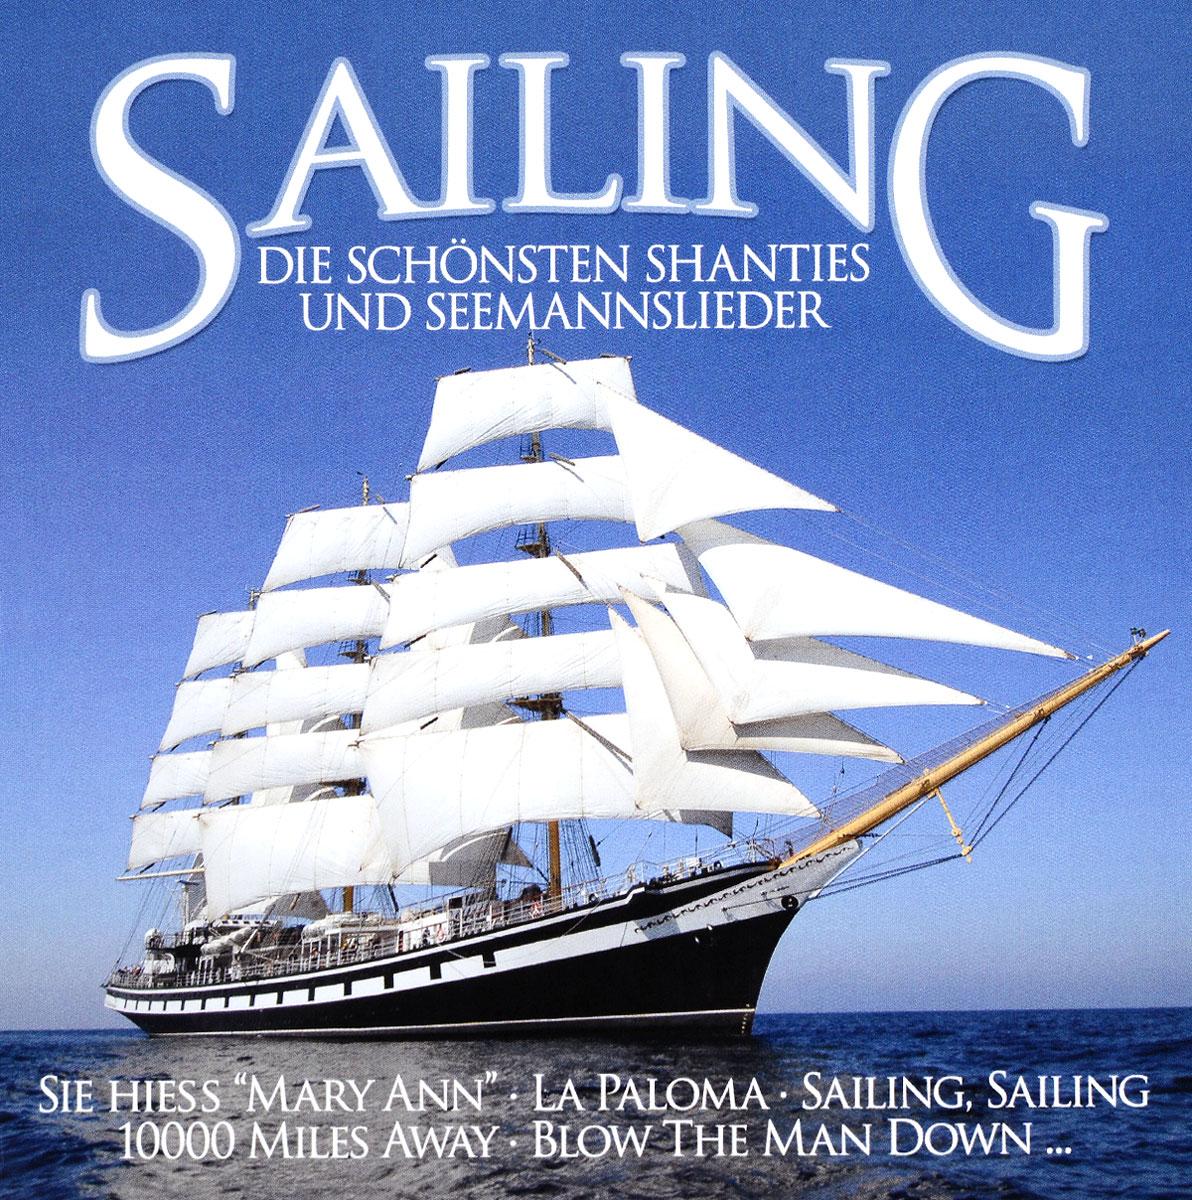 Various Artists. Sailing - Die schonsten Shanties und Seemannslieder (2 CD)